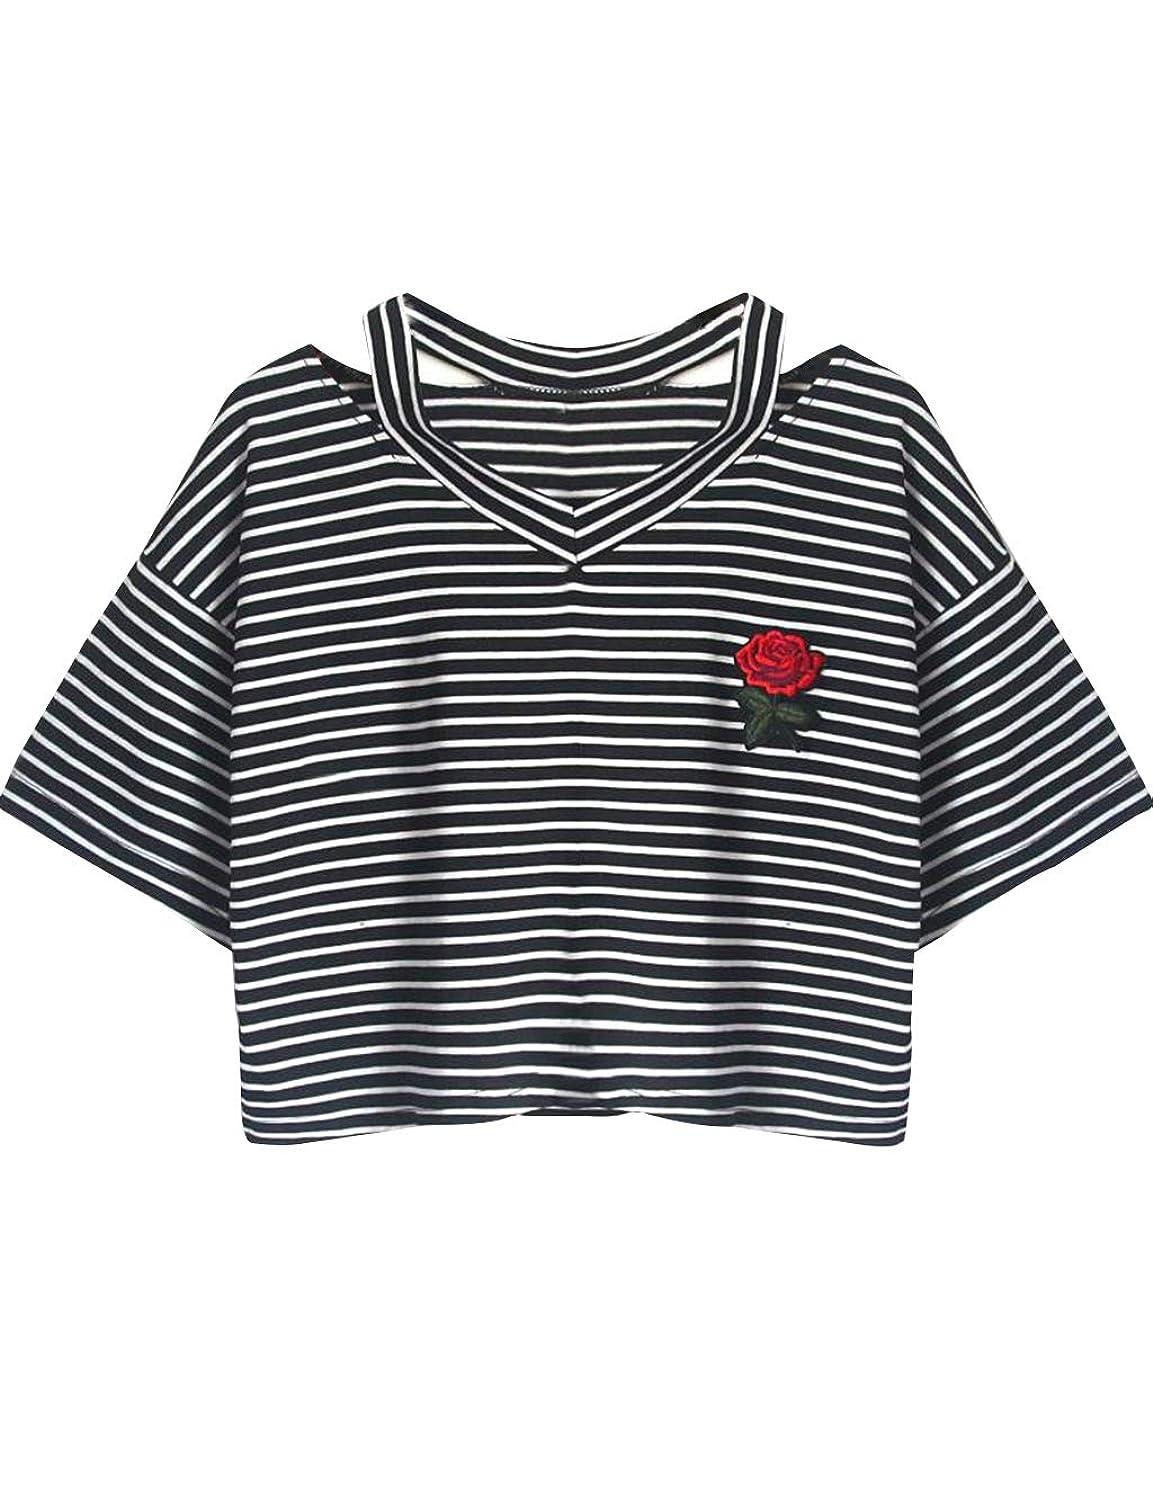 Women Teen Girls Striped Cute Crop Top Tie up Knot Belly Shirt Summer Tee T-Shirt Blouse Sale